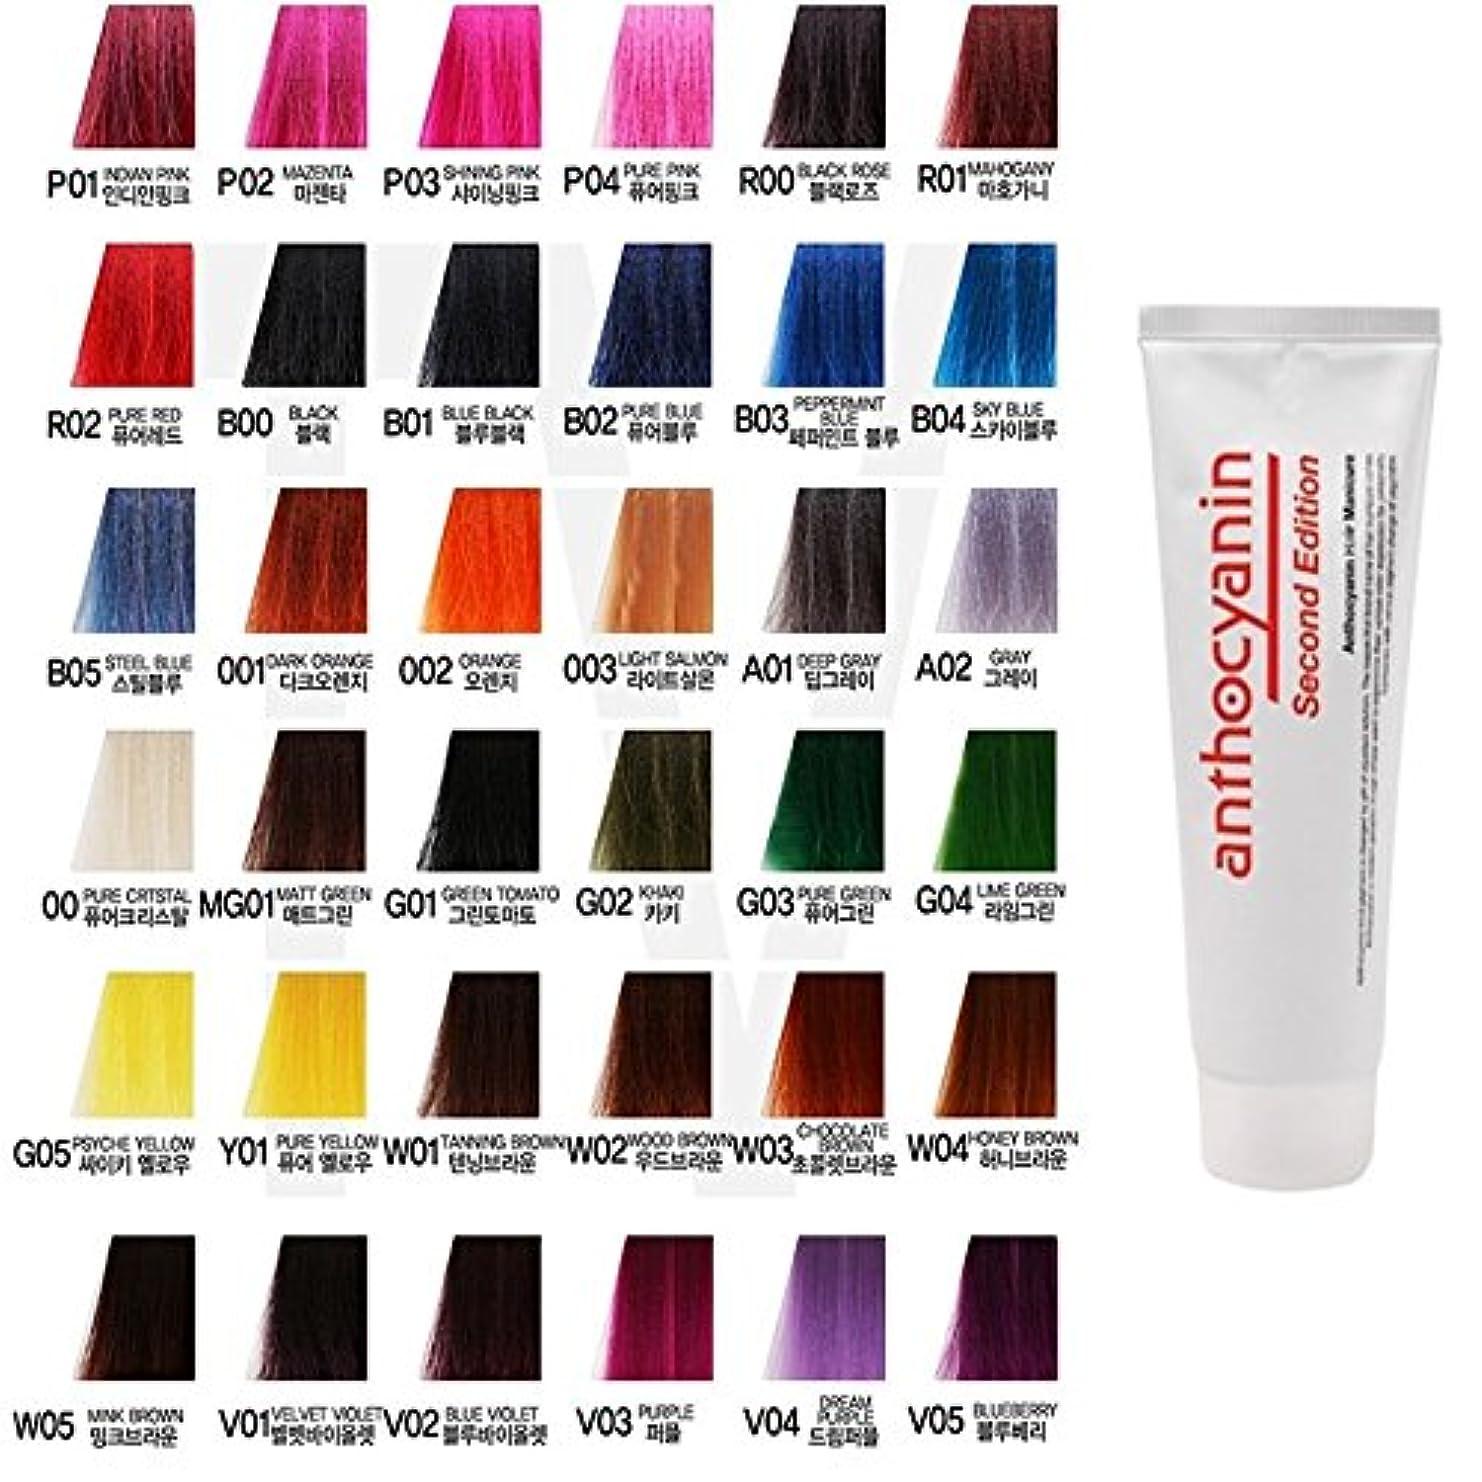 ヘア マニキュア カラー セカンド エディション 230g セミ パーマネント 染毛剤 ( Hair Manicure Color Second Edition 230g Semi Permanent Hair Dye) [並行輸入品] (WA03 Mud Brown)